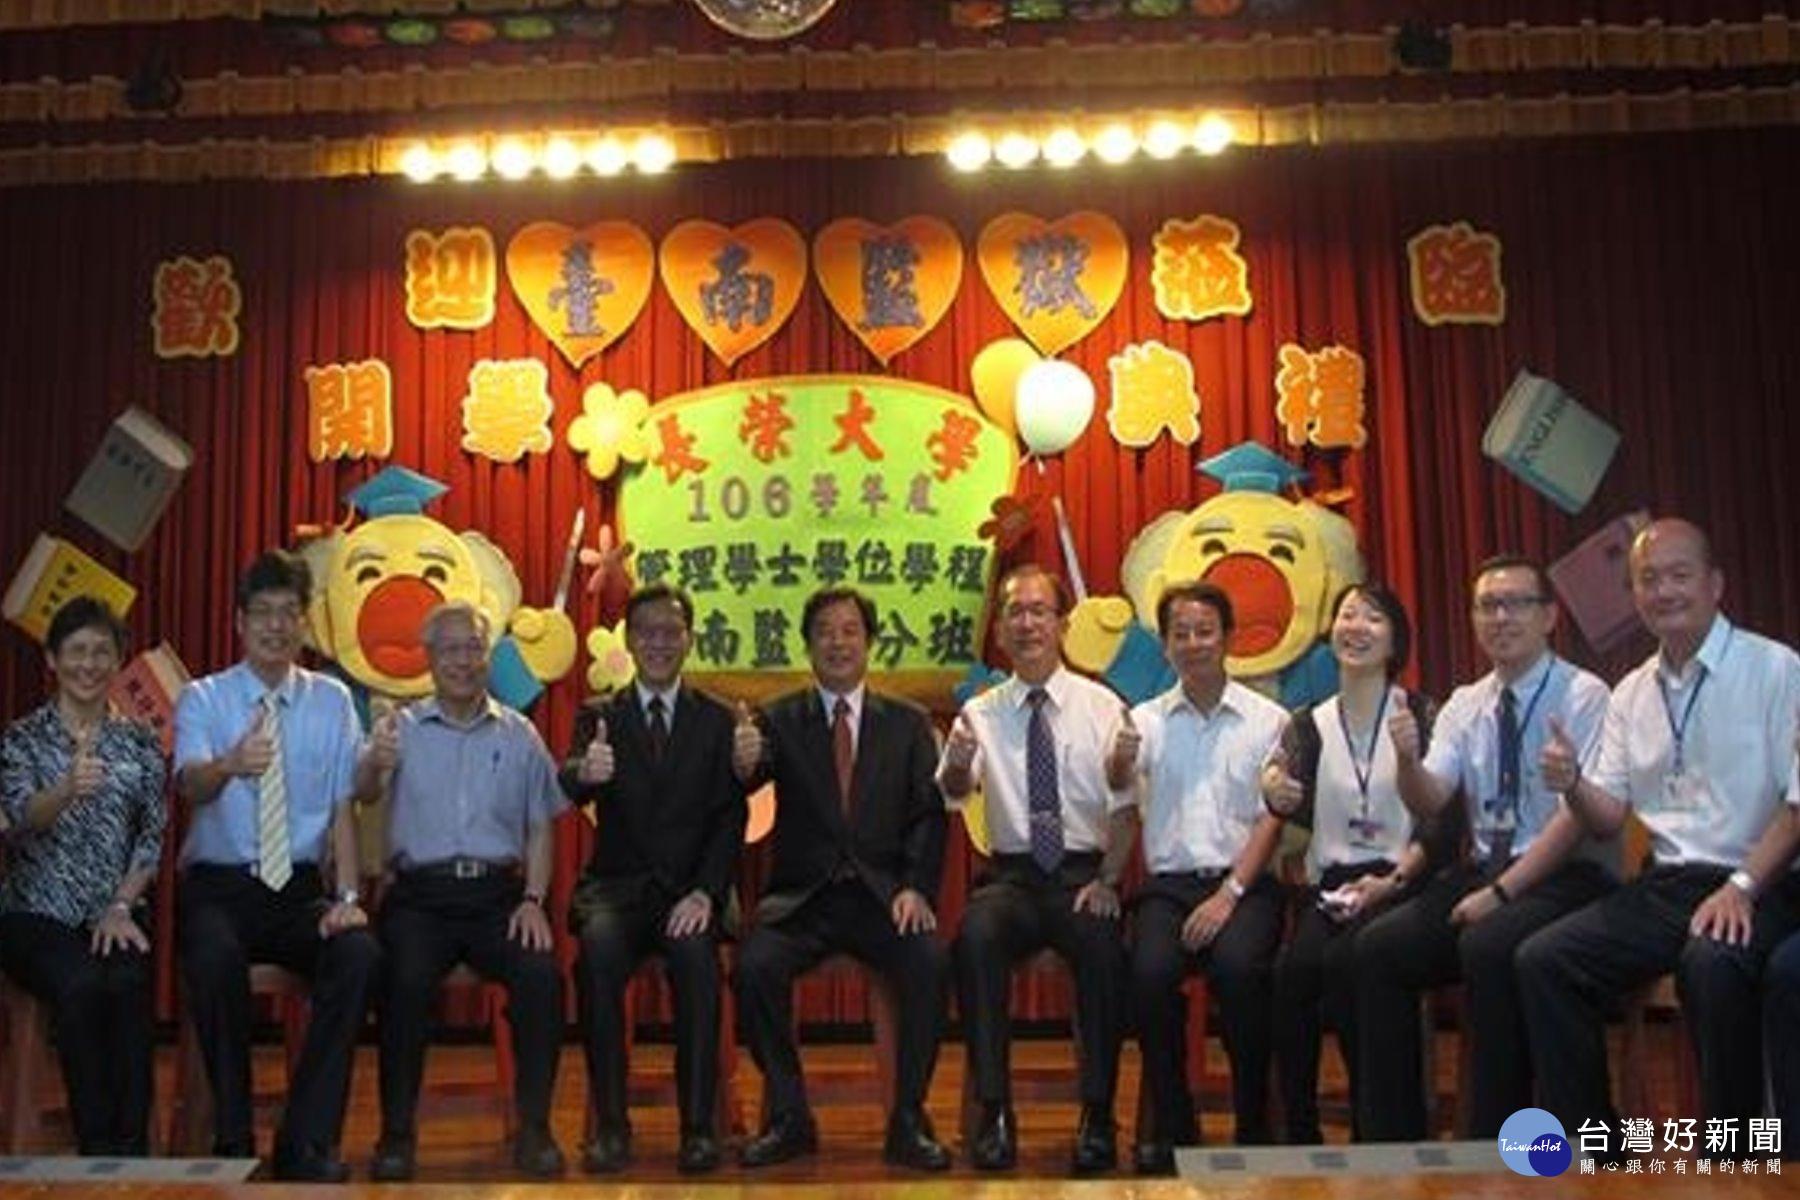 長榮大學與台南監獄合作 受刑人修滿學分可獲大學文憑